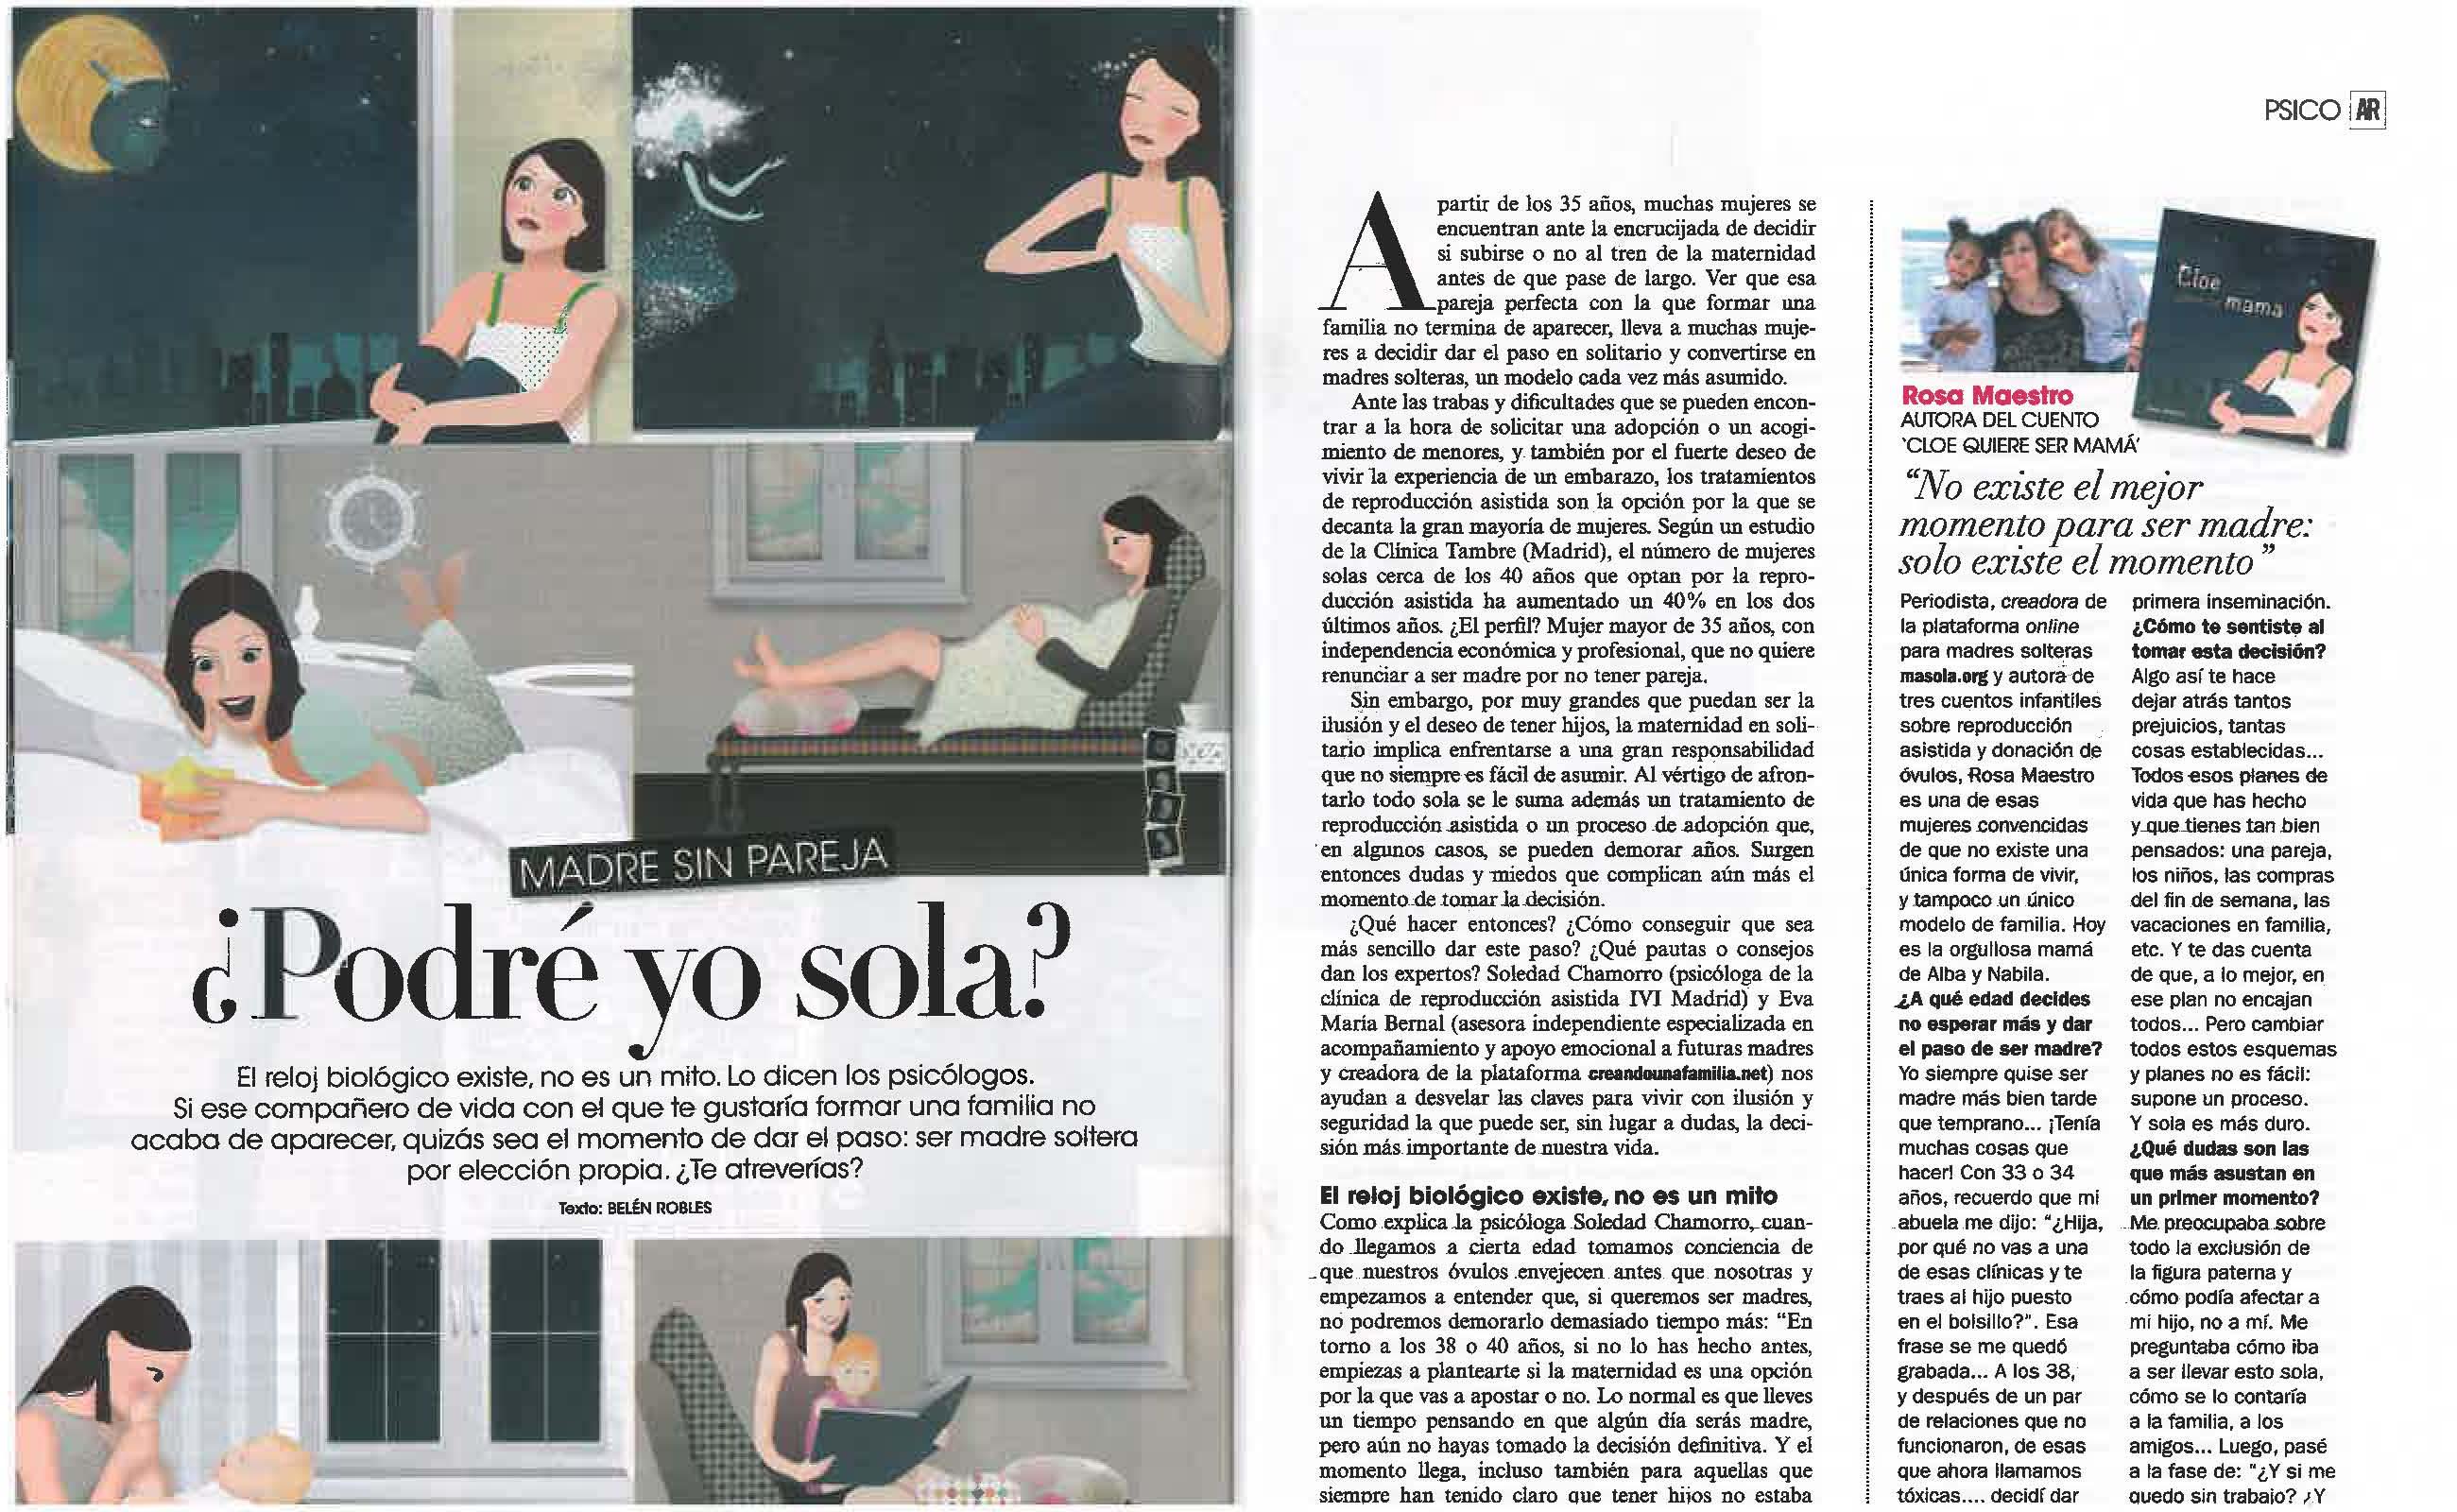 Amplio reportaje en la revista AR sobre maternidad en solitario.